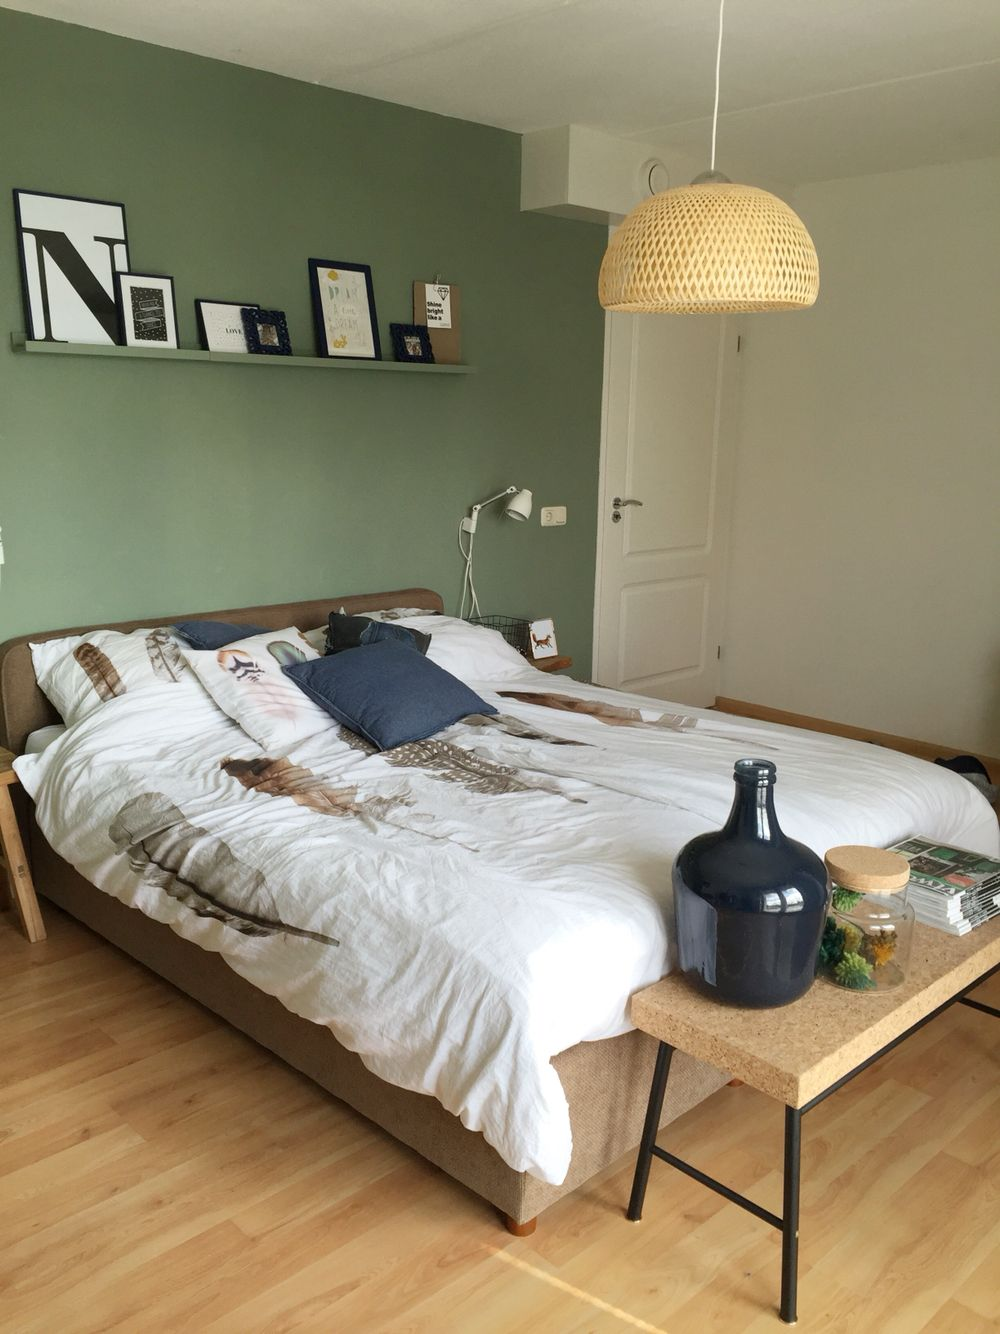 Slaapkamer met kleur geordend van histor op de muur | Slaapkamer ...